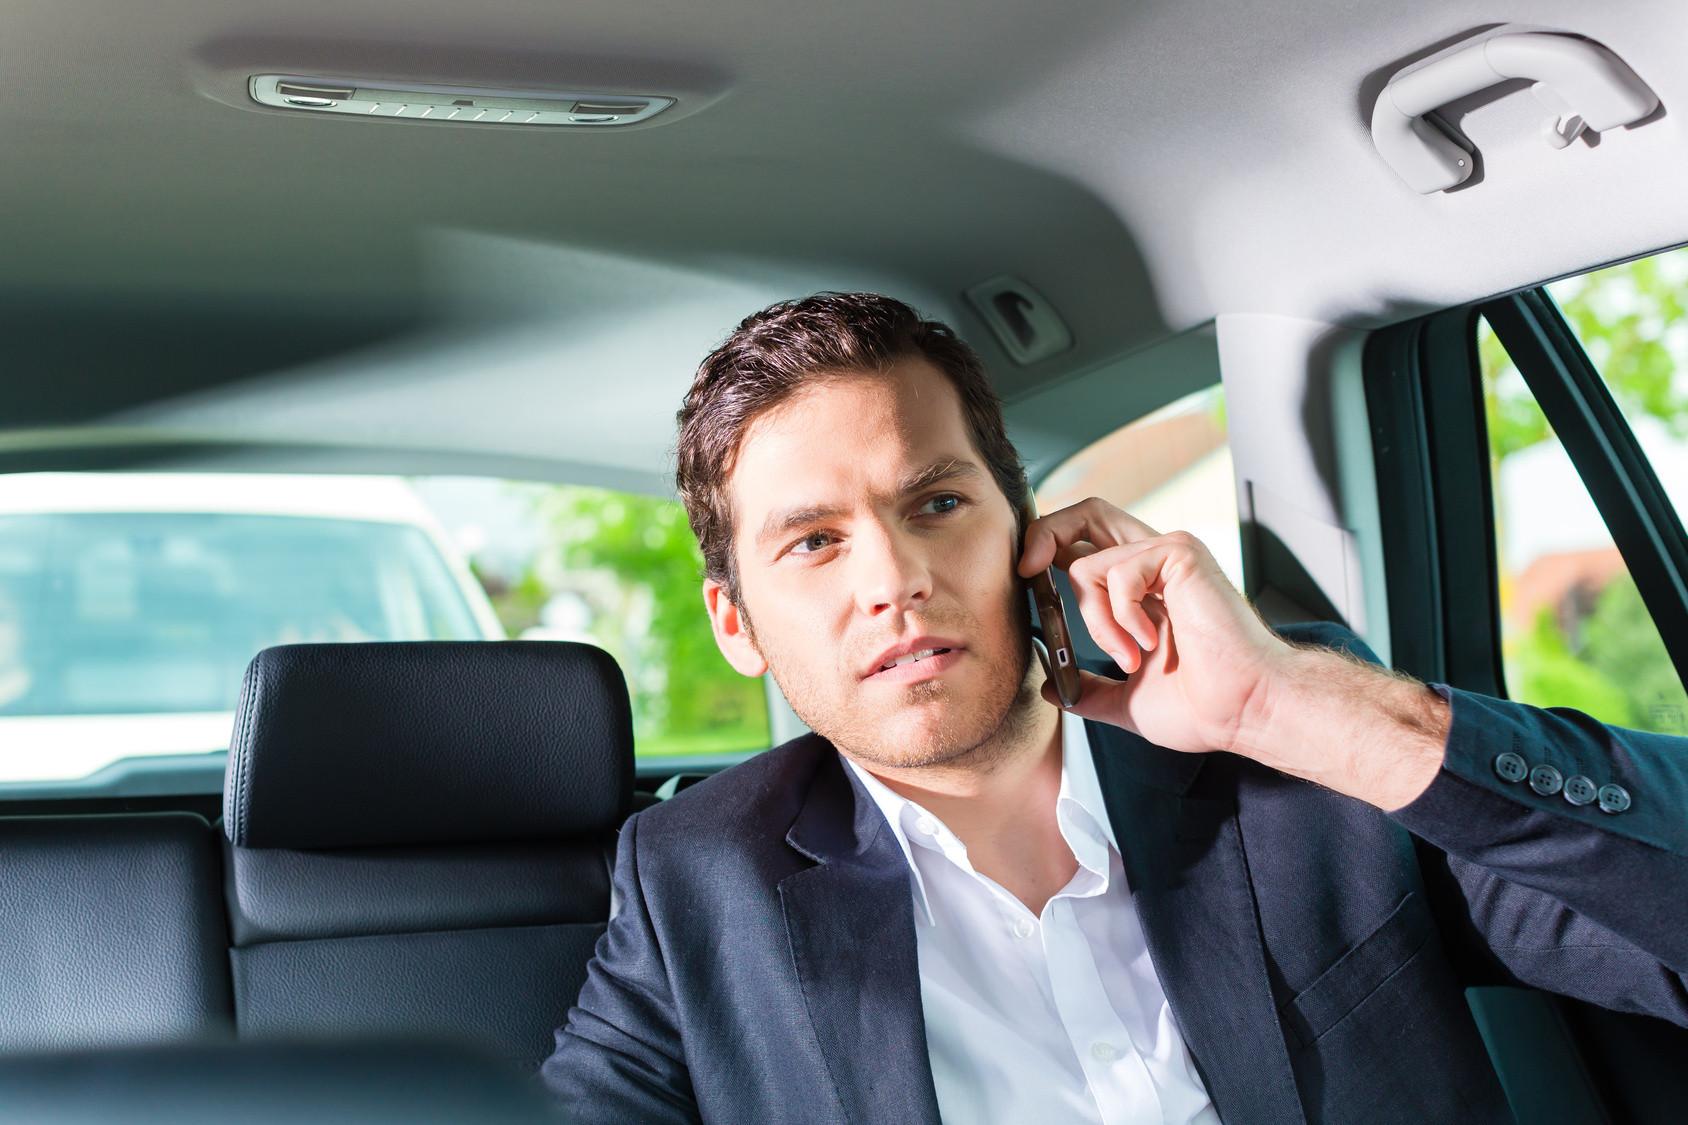 taxi avec forfaits tout compris taxi et grille de tarifs en 2 clics. Black Bedroom Furniture Sets. Home Design Ideas